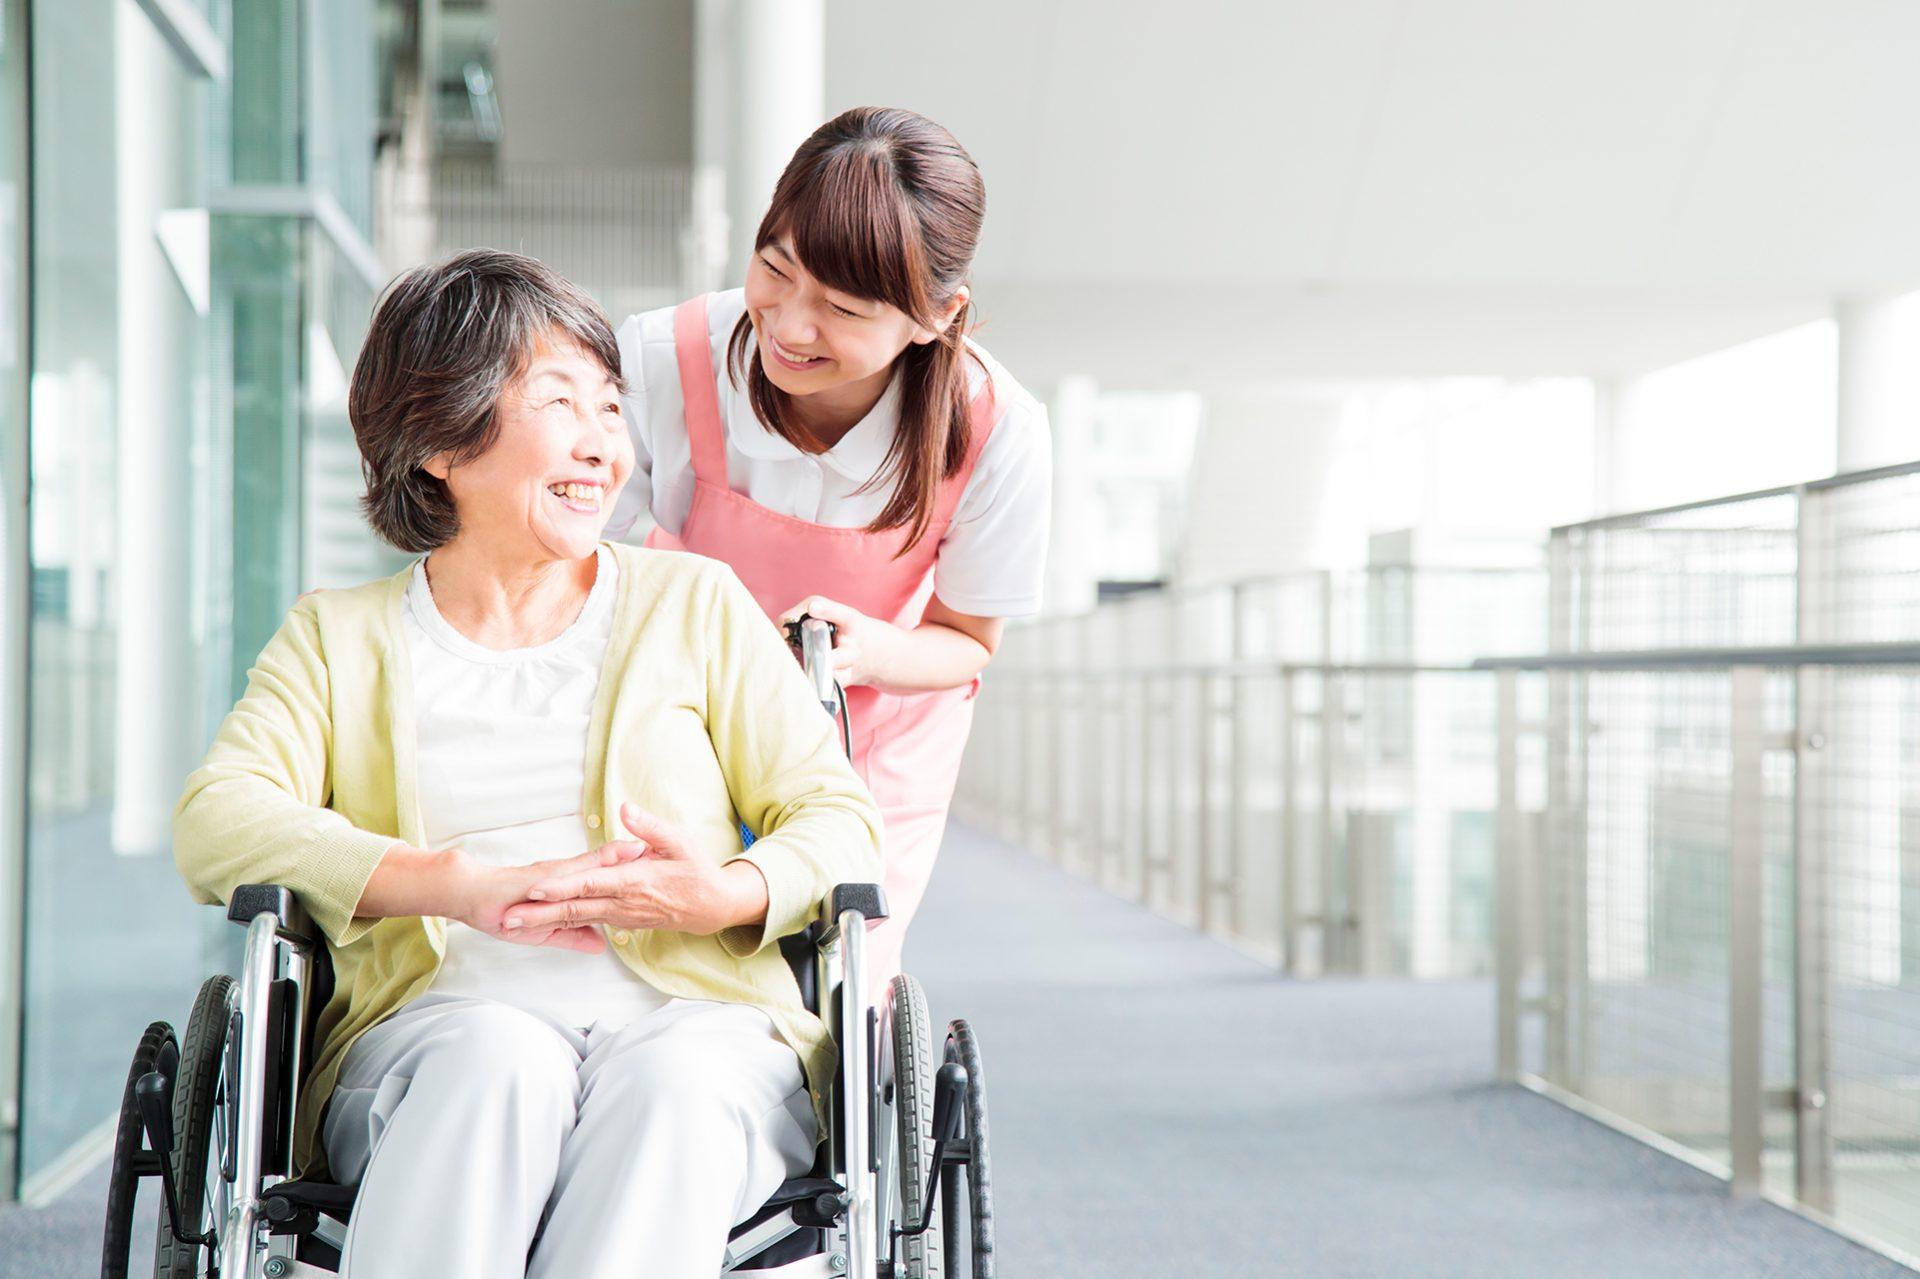 介護事業所向け 見守りシステム